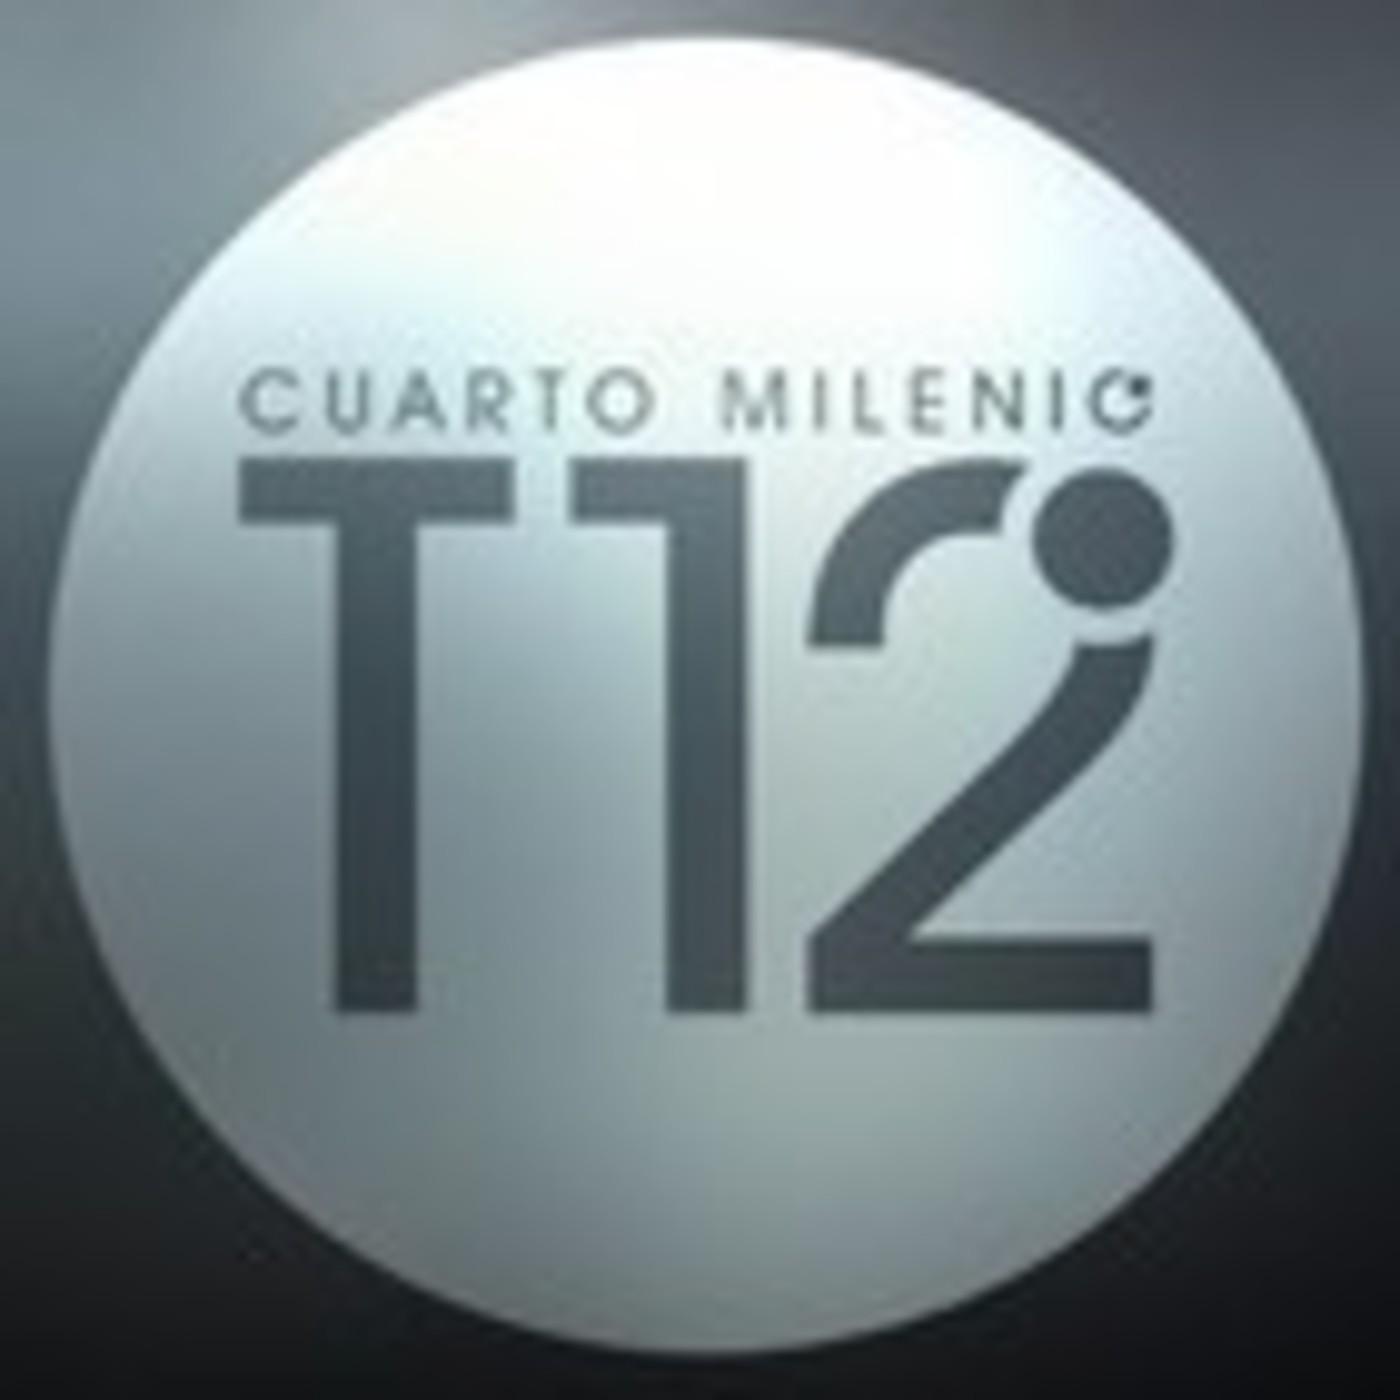 Cuarto milenio (27/11/2016) 12x13: Hallazgos satelitales ...